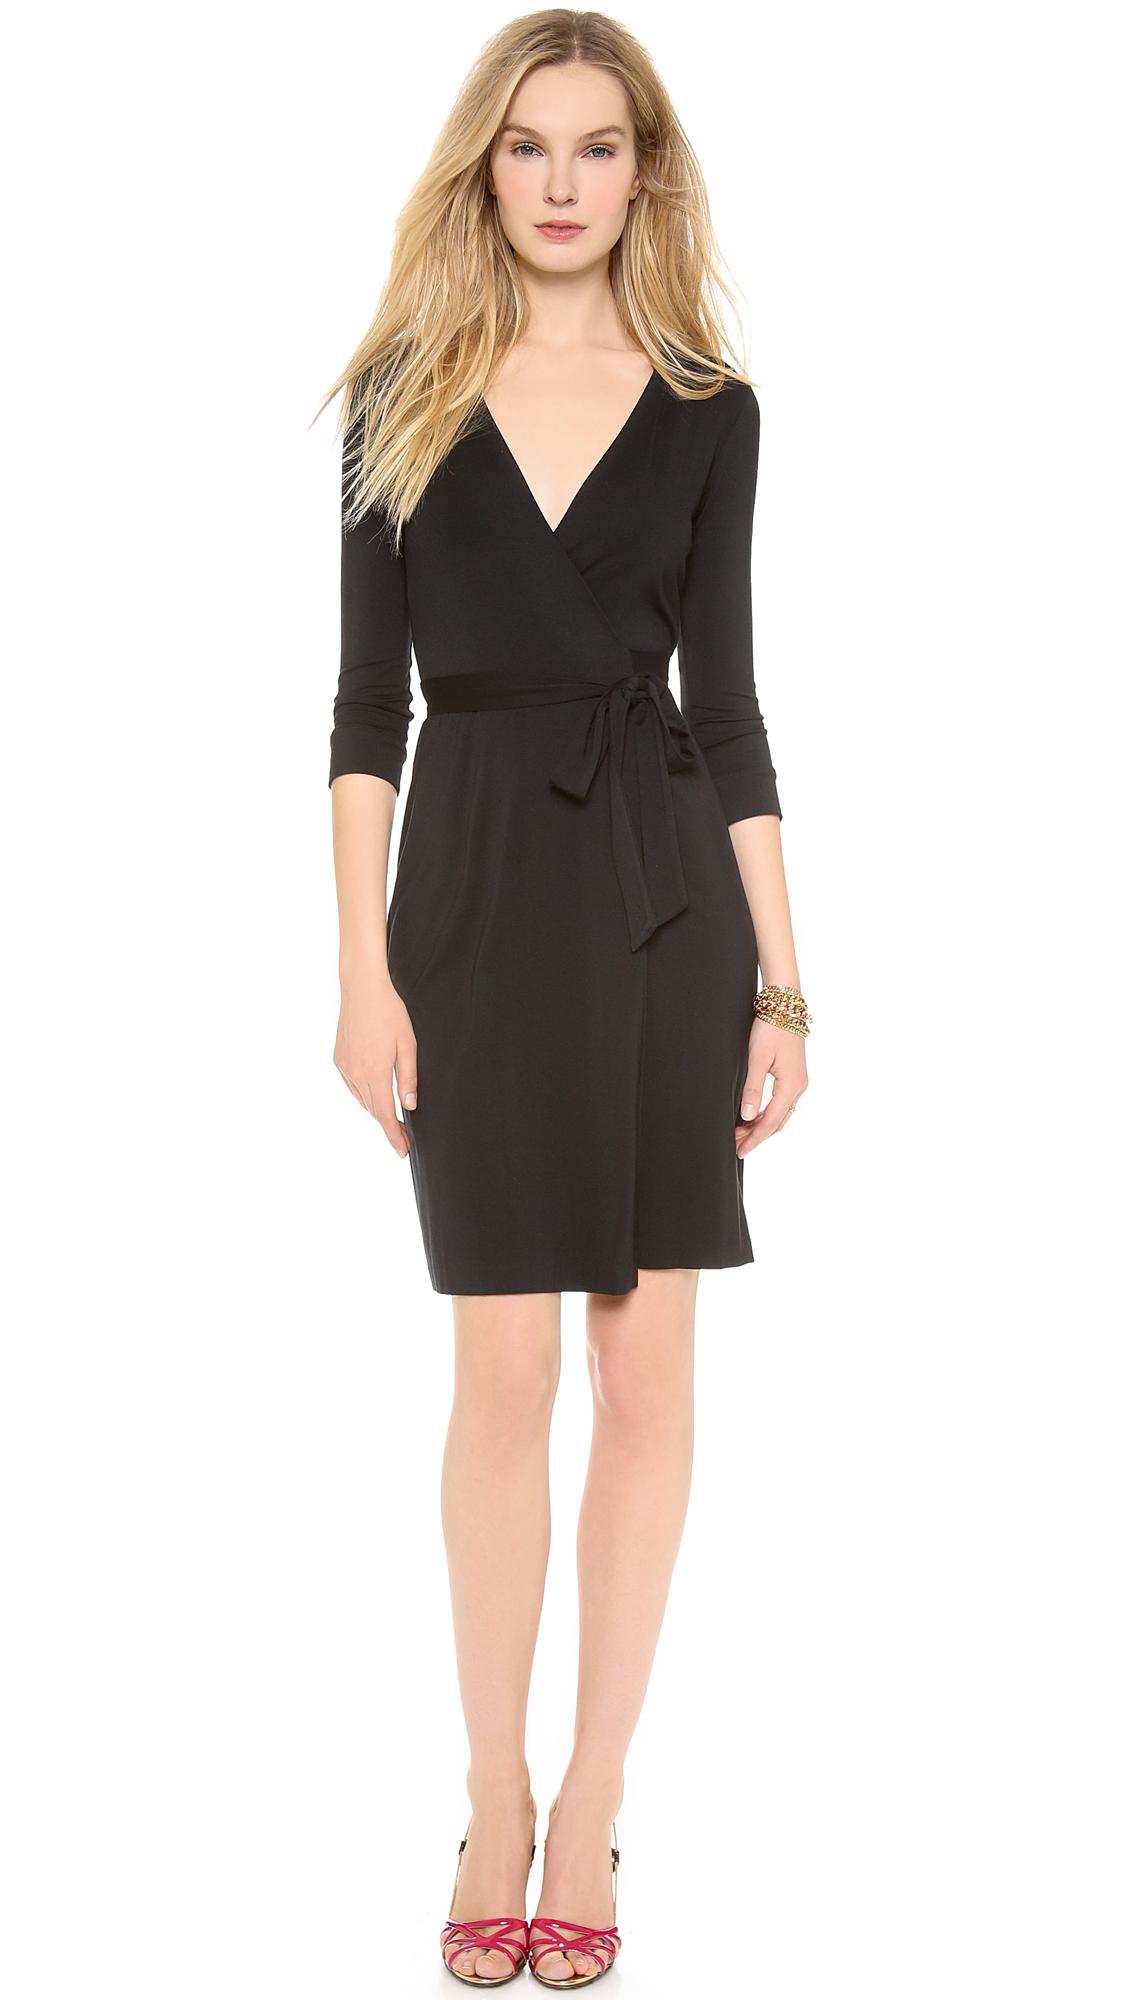 Diane von Furstenberg New Julian Two Wrap Dress   Fancy Friday - Diane von Furstenberg Wrap Dresses